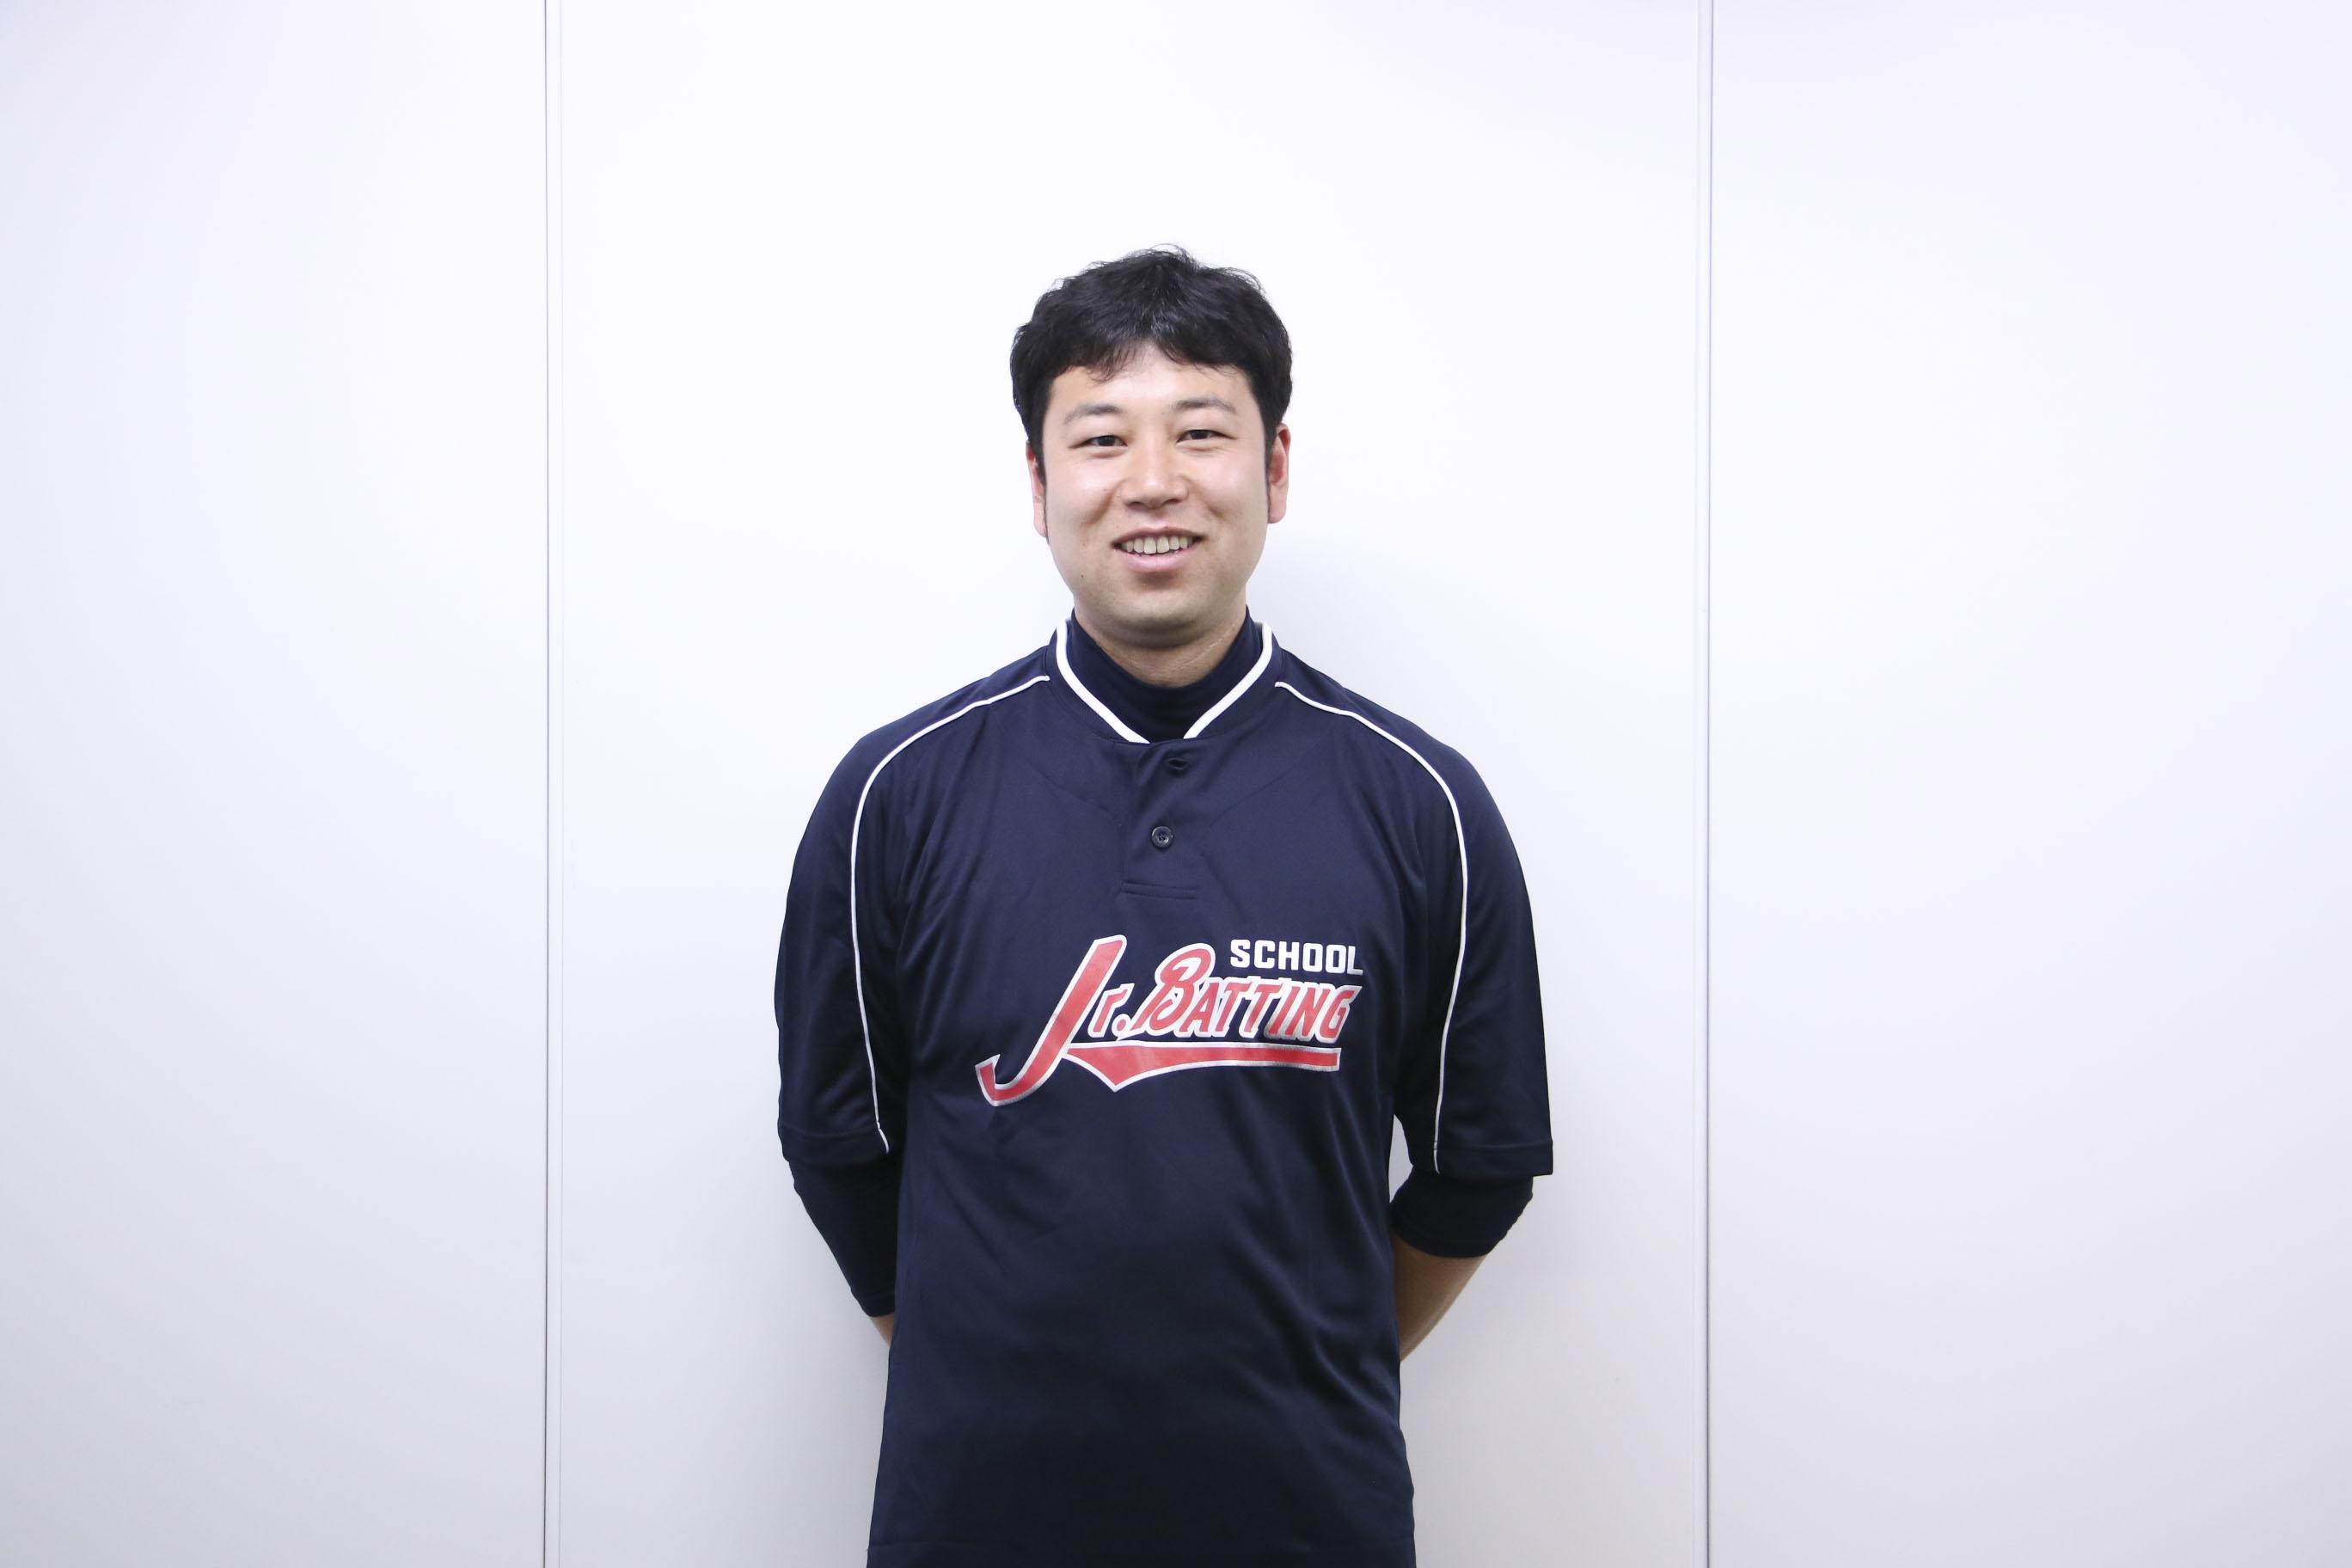 下 広志(しも・ひろし)/1986年生まれ、千葉県市原市出身。小学生1年から野球を始め、大学卒業までプレー。大学卒業後はスポーツデータバンク株式会社に入社し、ジュニアバッティングスクールの運営や社内システム構築などを手がける。その後2014年に独立しJBS武蔵を設立。ブログや動画配信サイトでも情報を提供しながらスクール運営や指導に携わる。